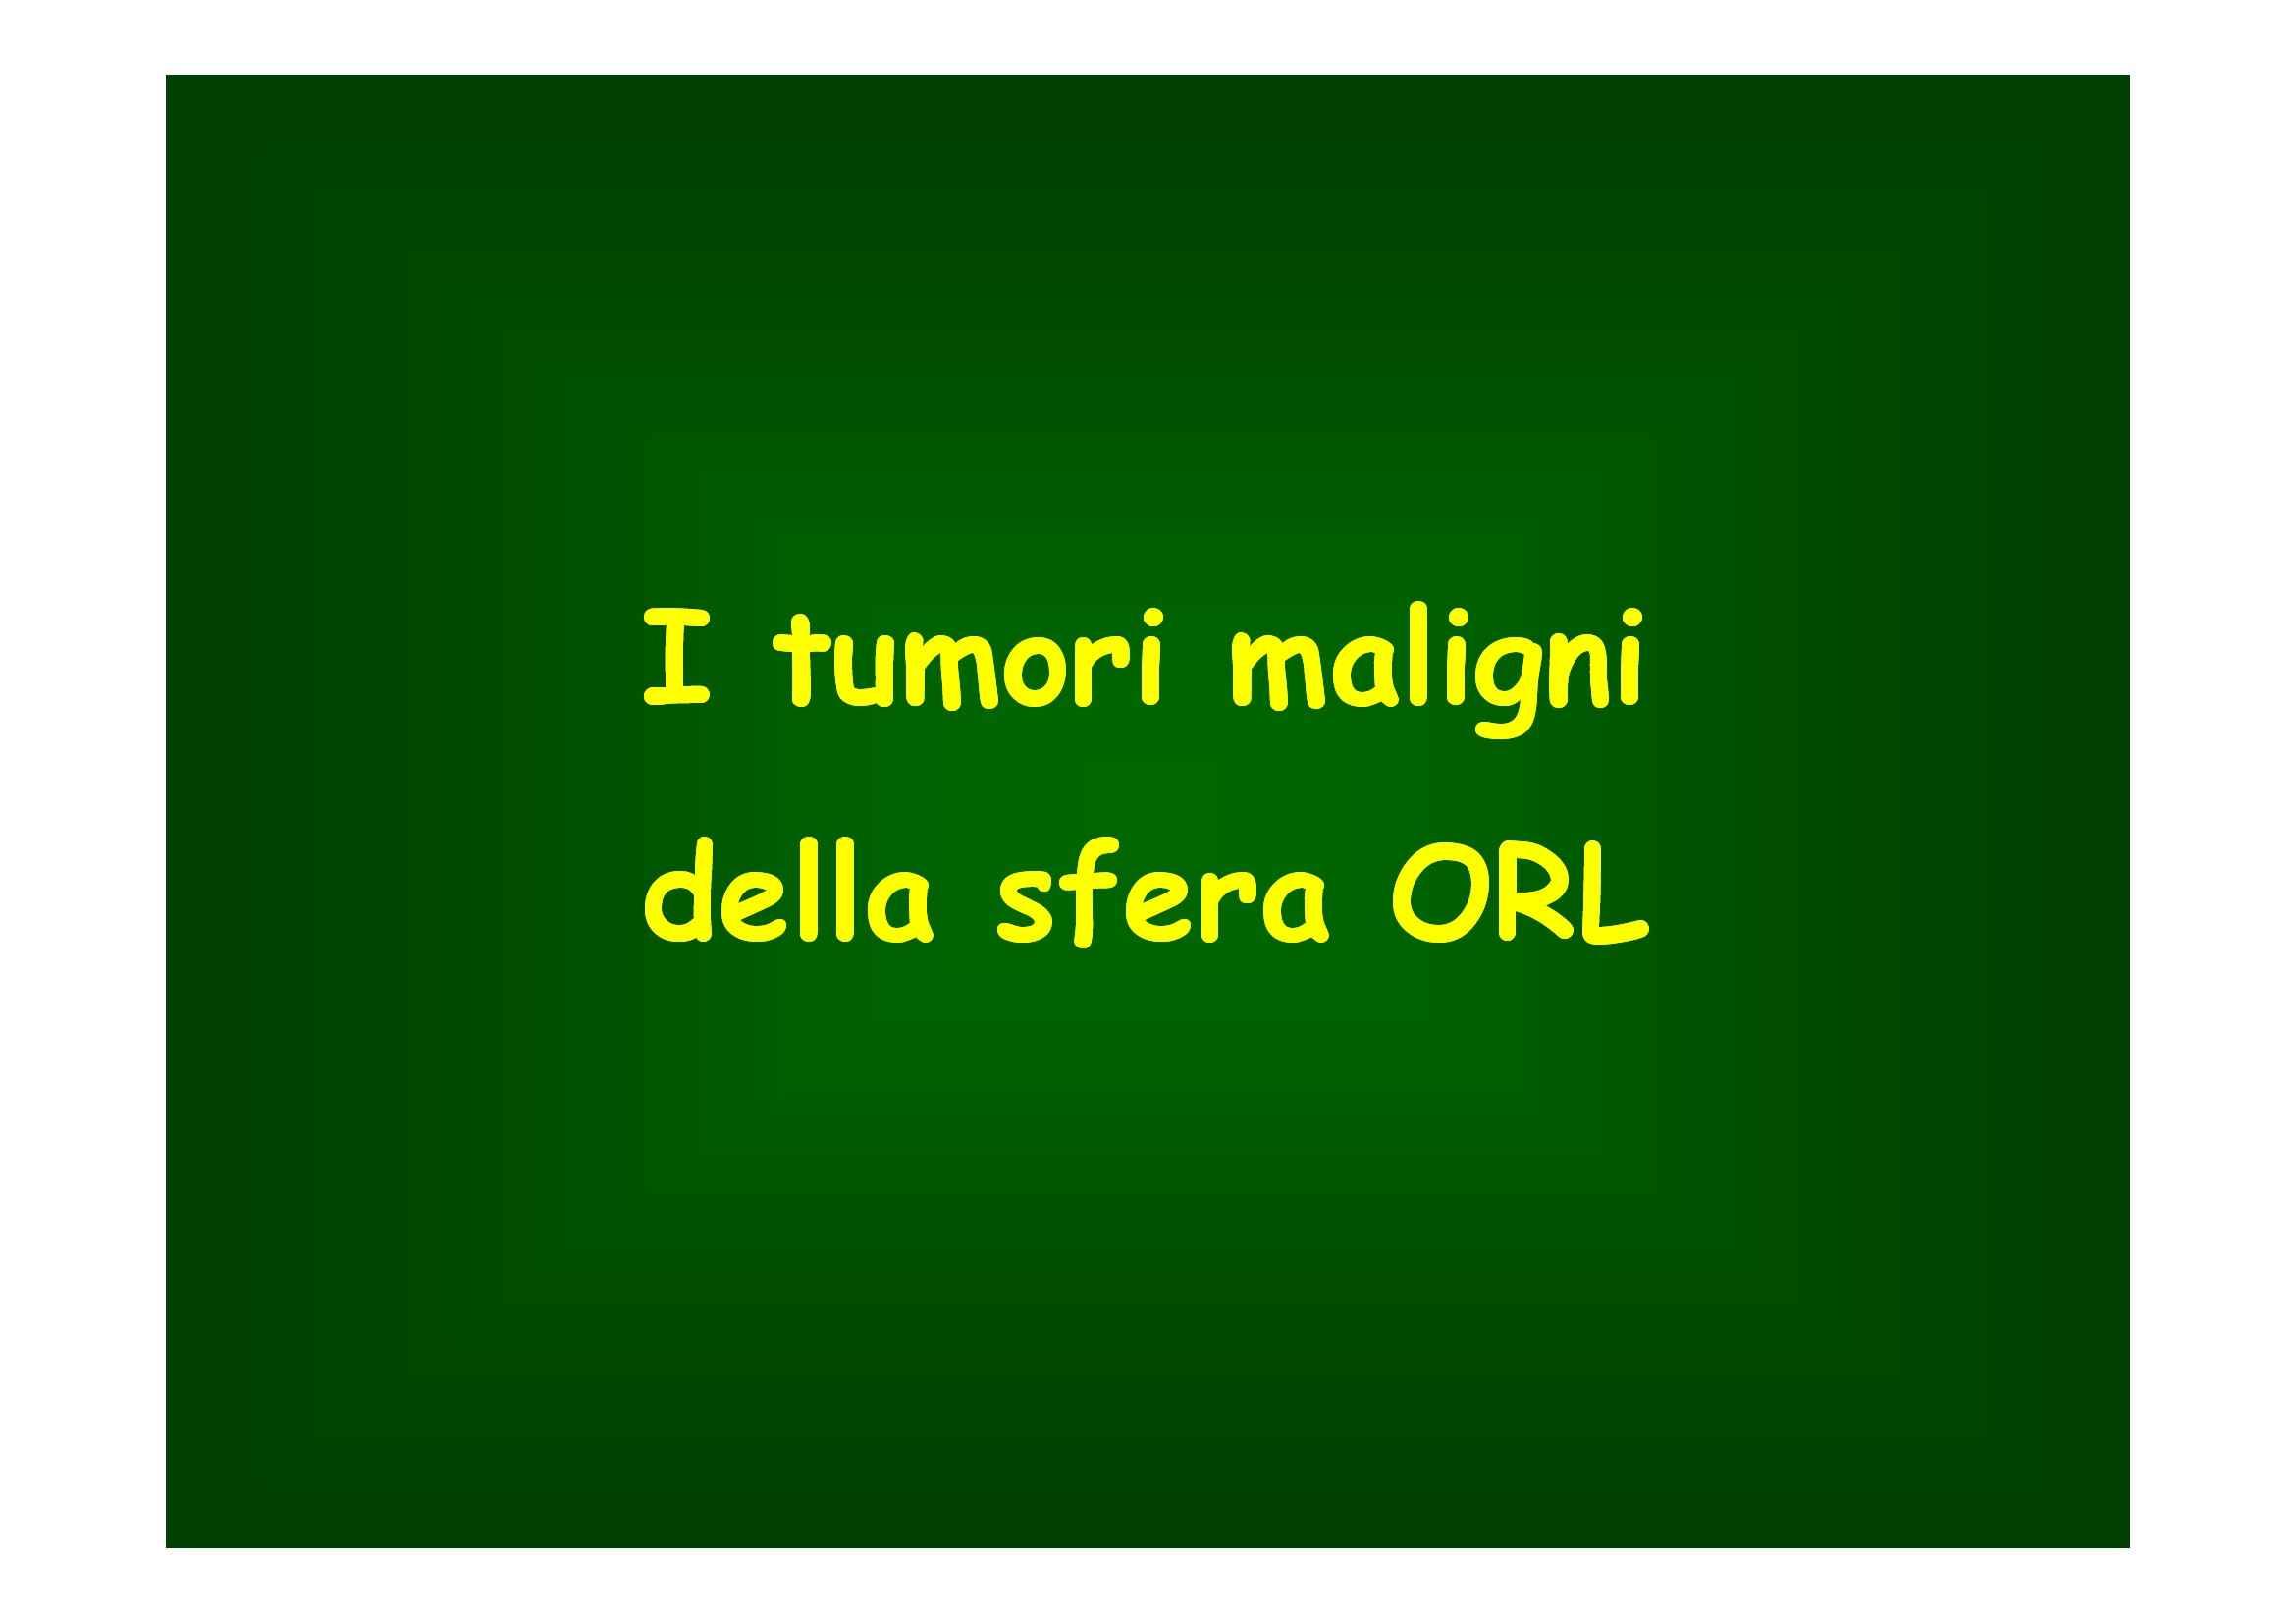 Tumori maligni della sfera ORL